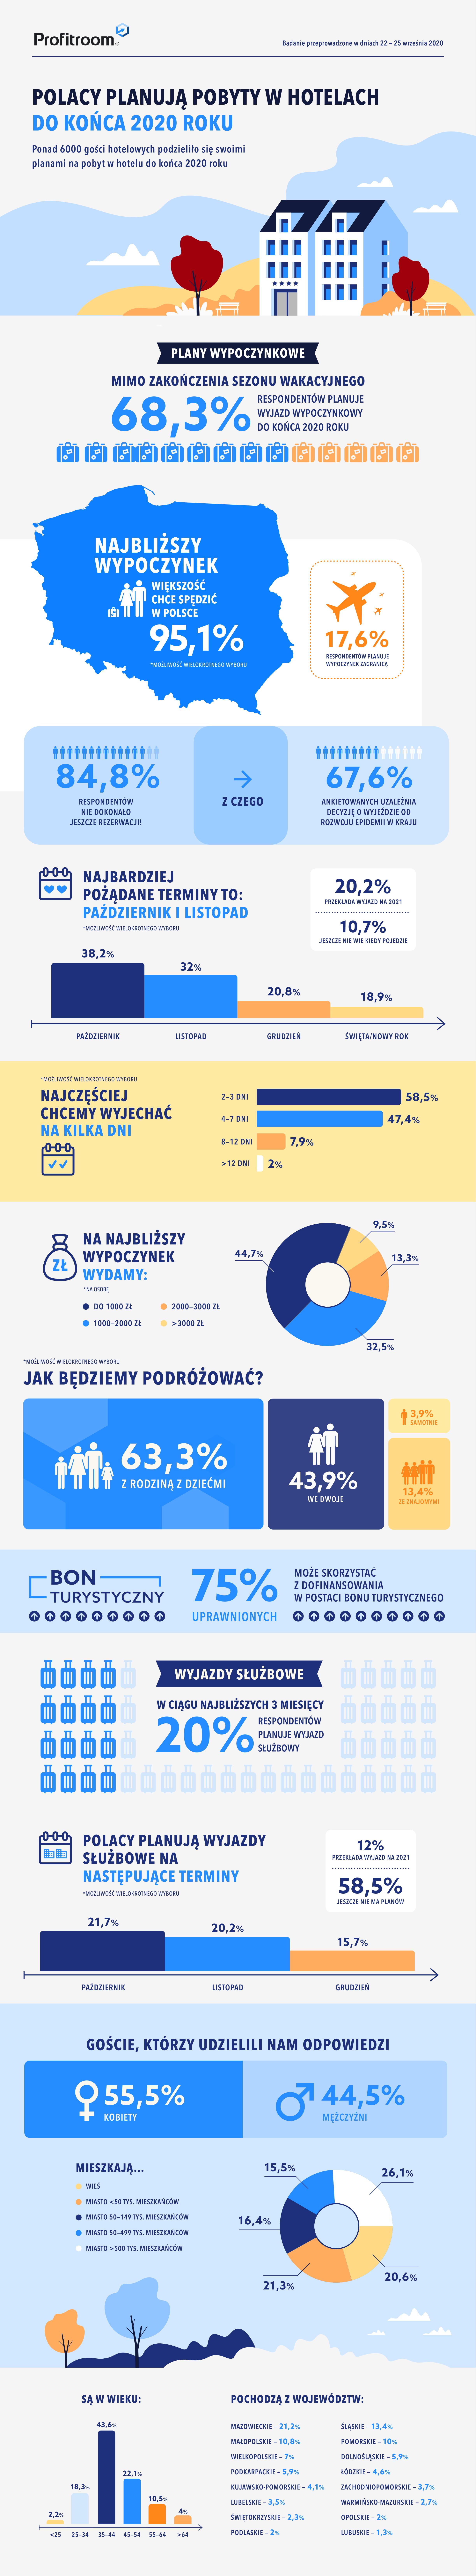 Wakacje Polaków 2020 - wyniki ogólnopolskiego badania